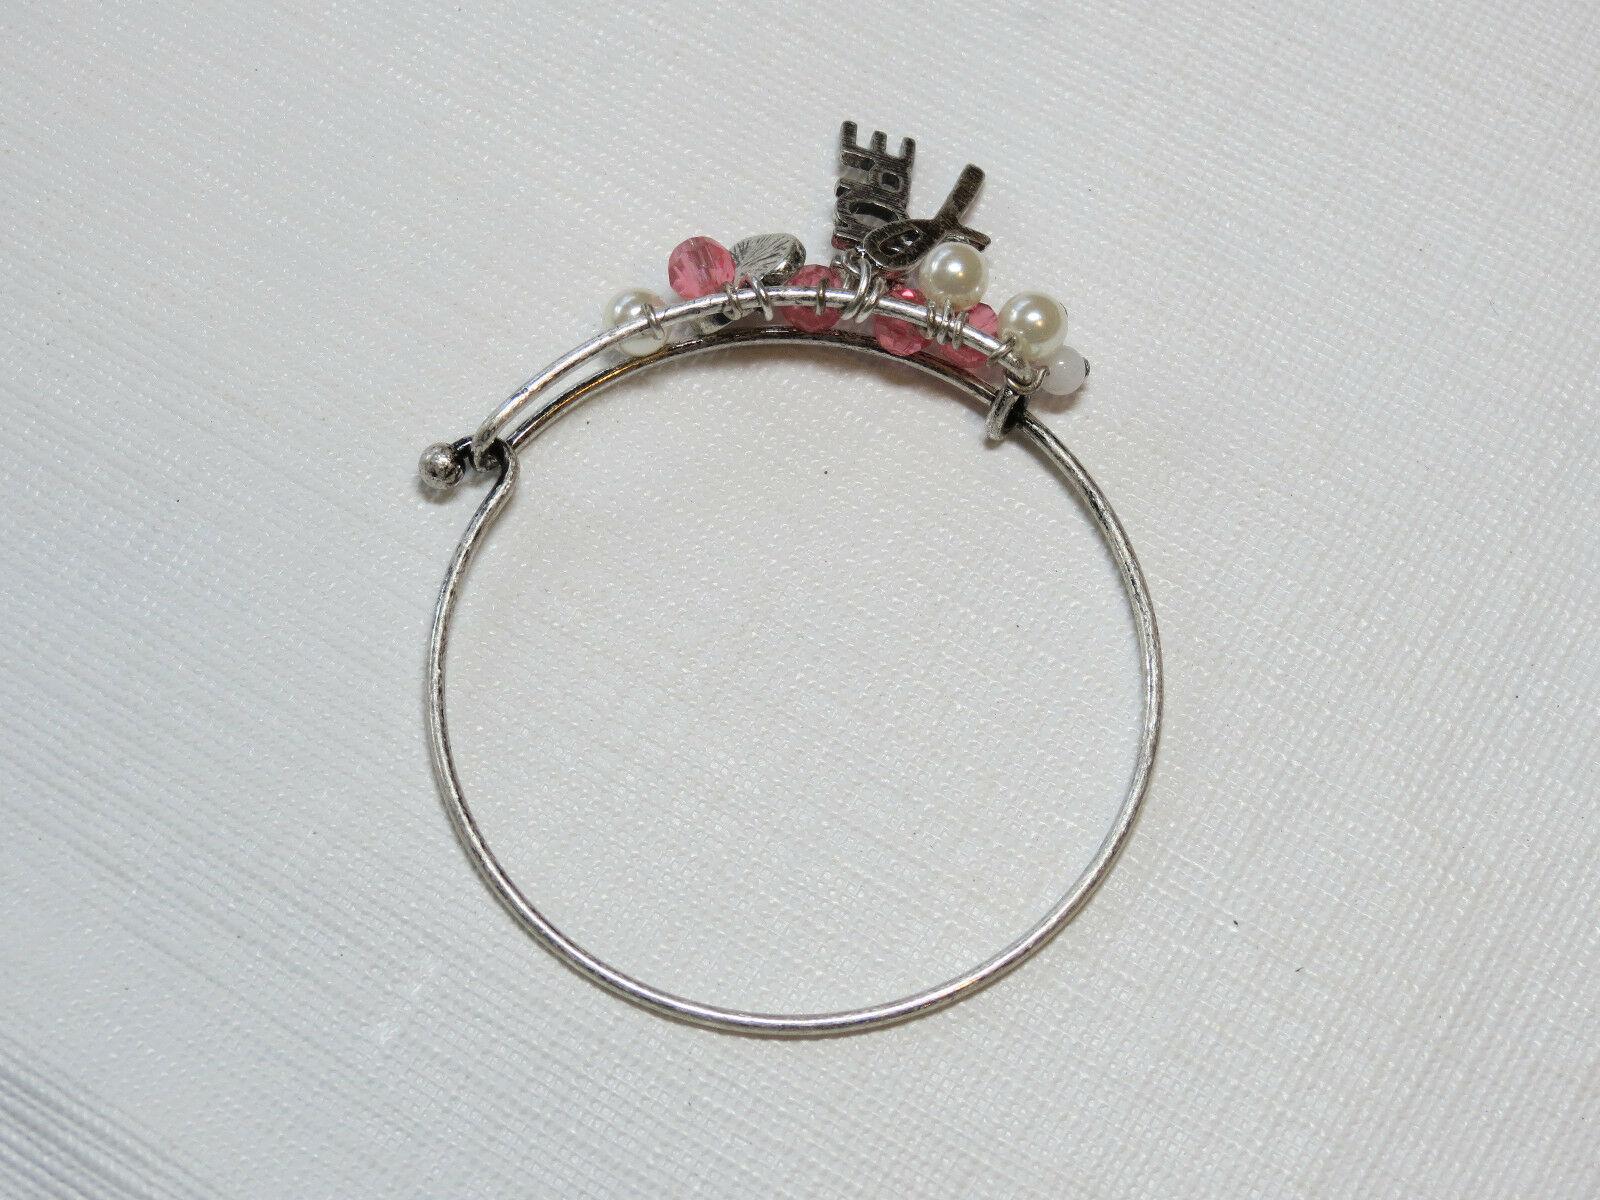 Femmes Avon Cancer Du Sein Crusade Breloque Bracelet F3983781 Nip image 3